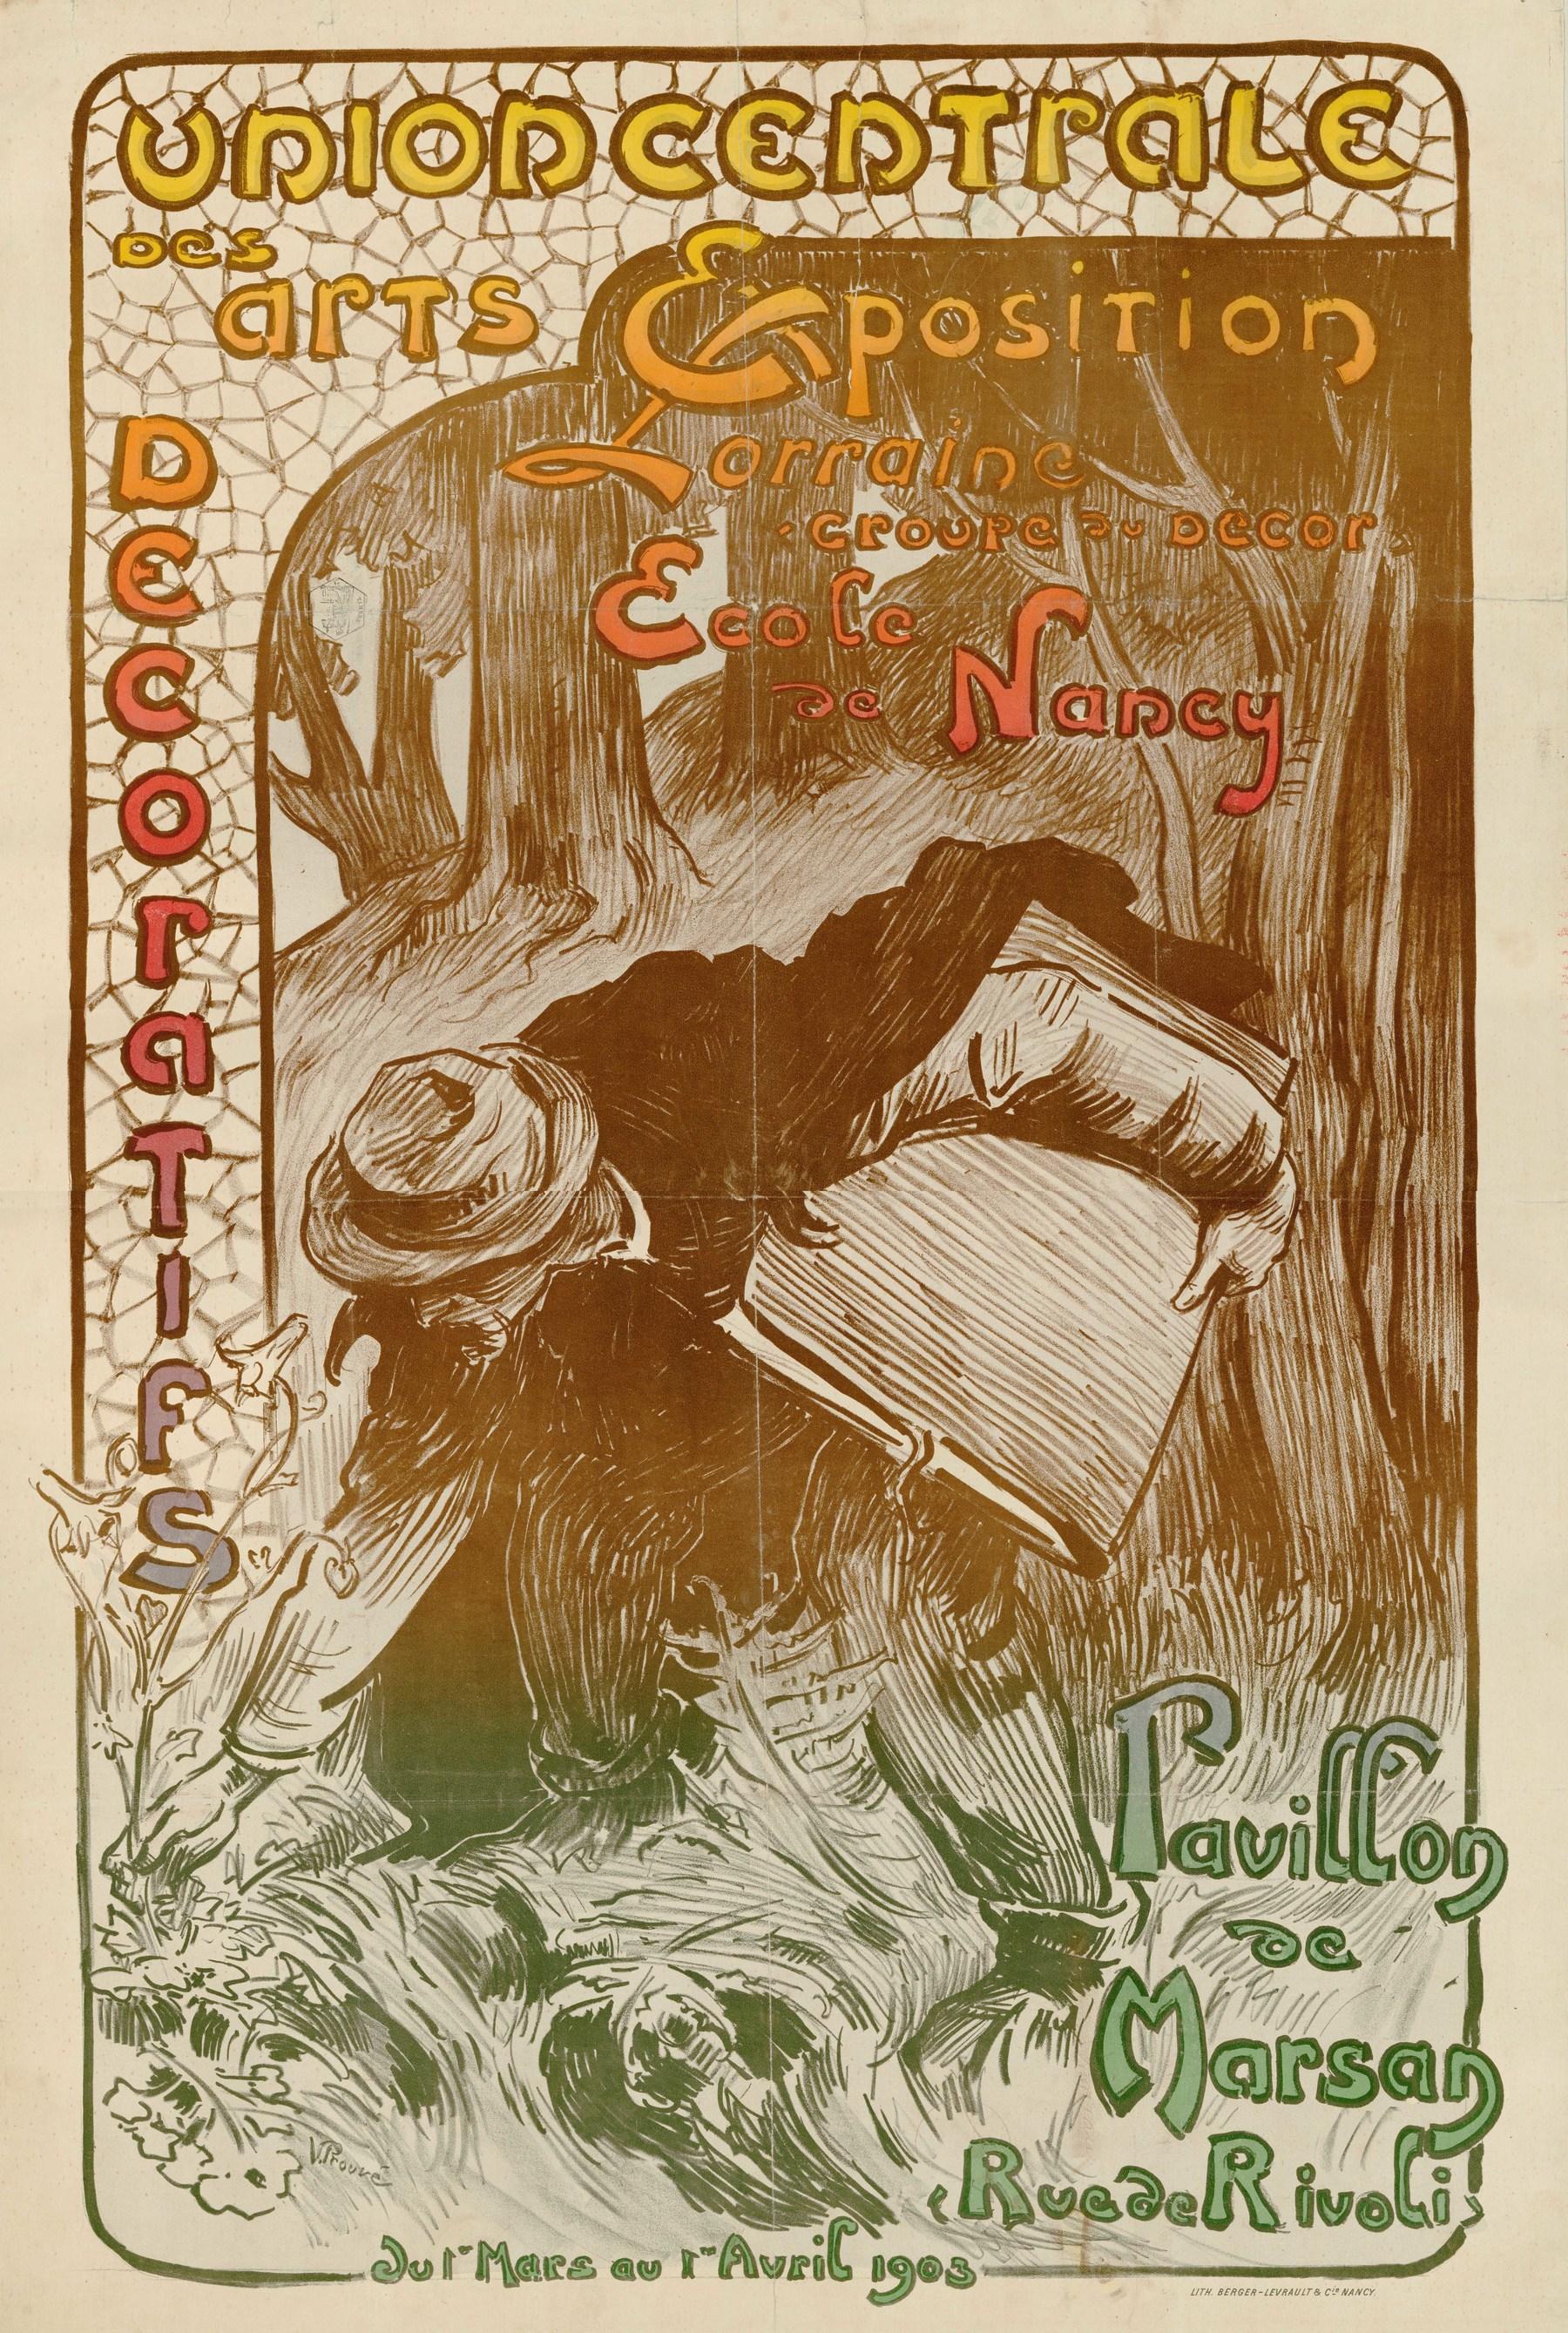 Contenu du Affiche de l'exposition de l'Union centrale des arts décoratifs qui s'est tenue au Pavillon Marson à Paris du 1er mars au 1er avril 1903